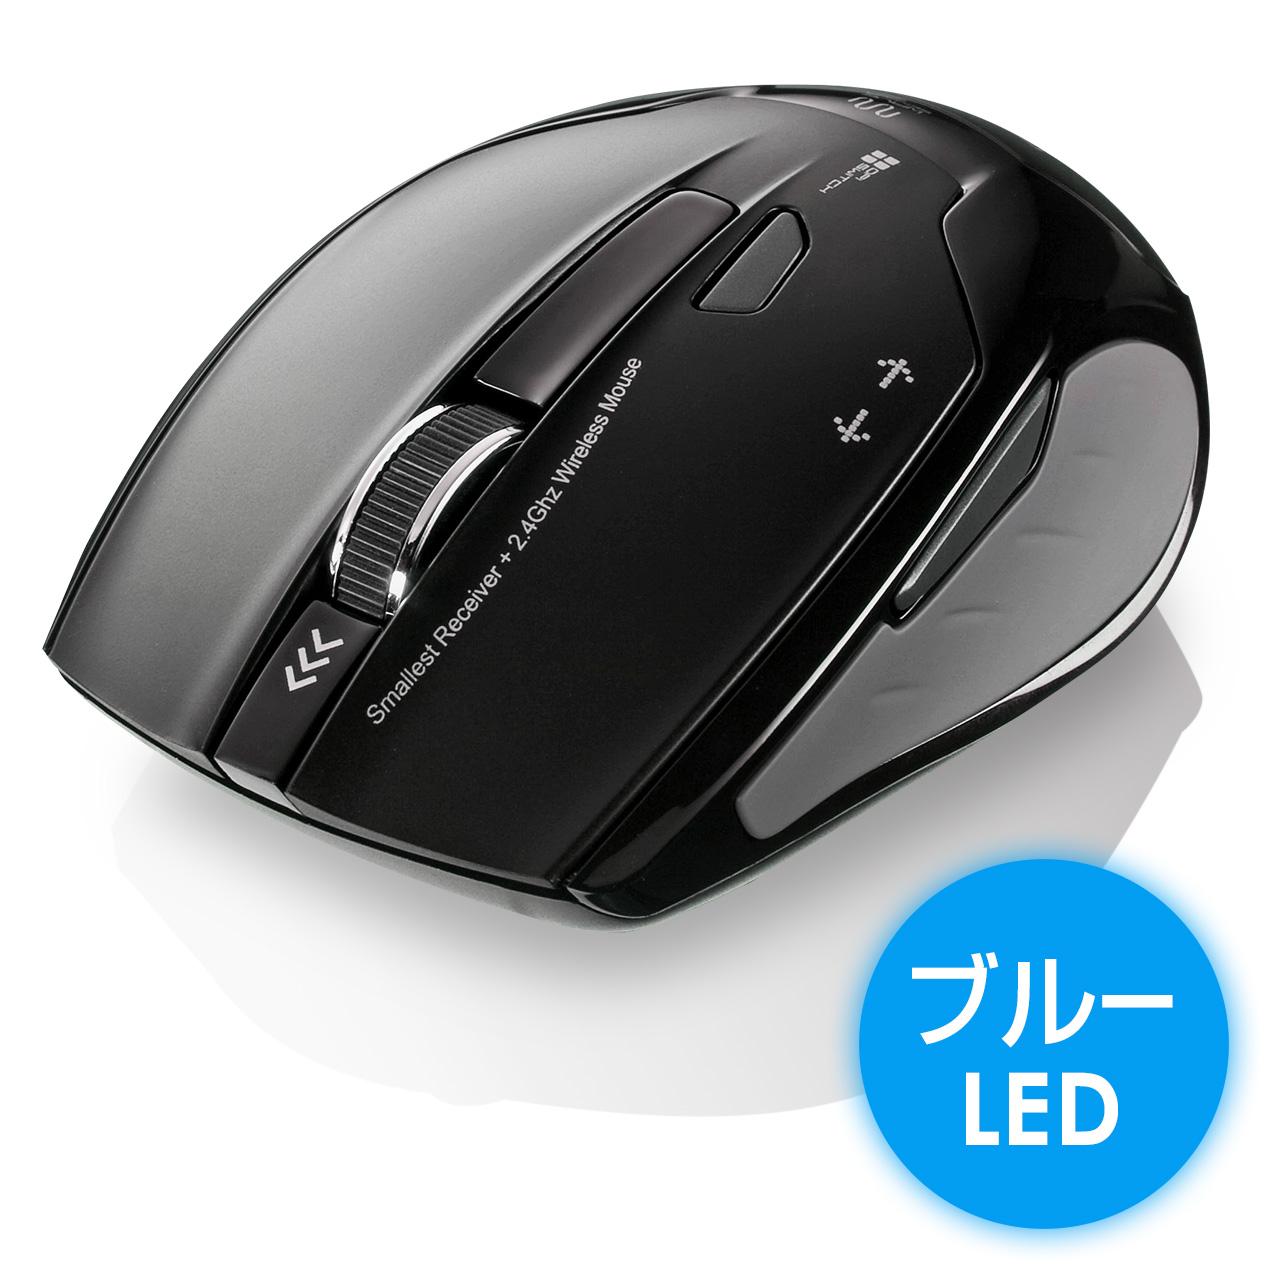 レジェンドマウス(無線・ブルー...